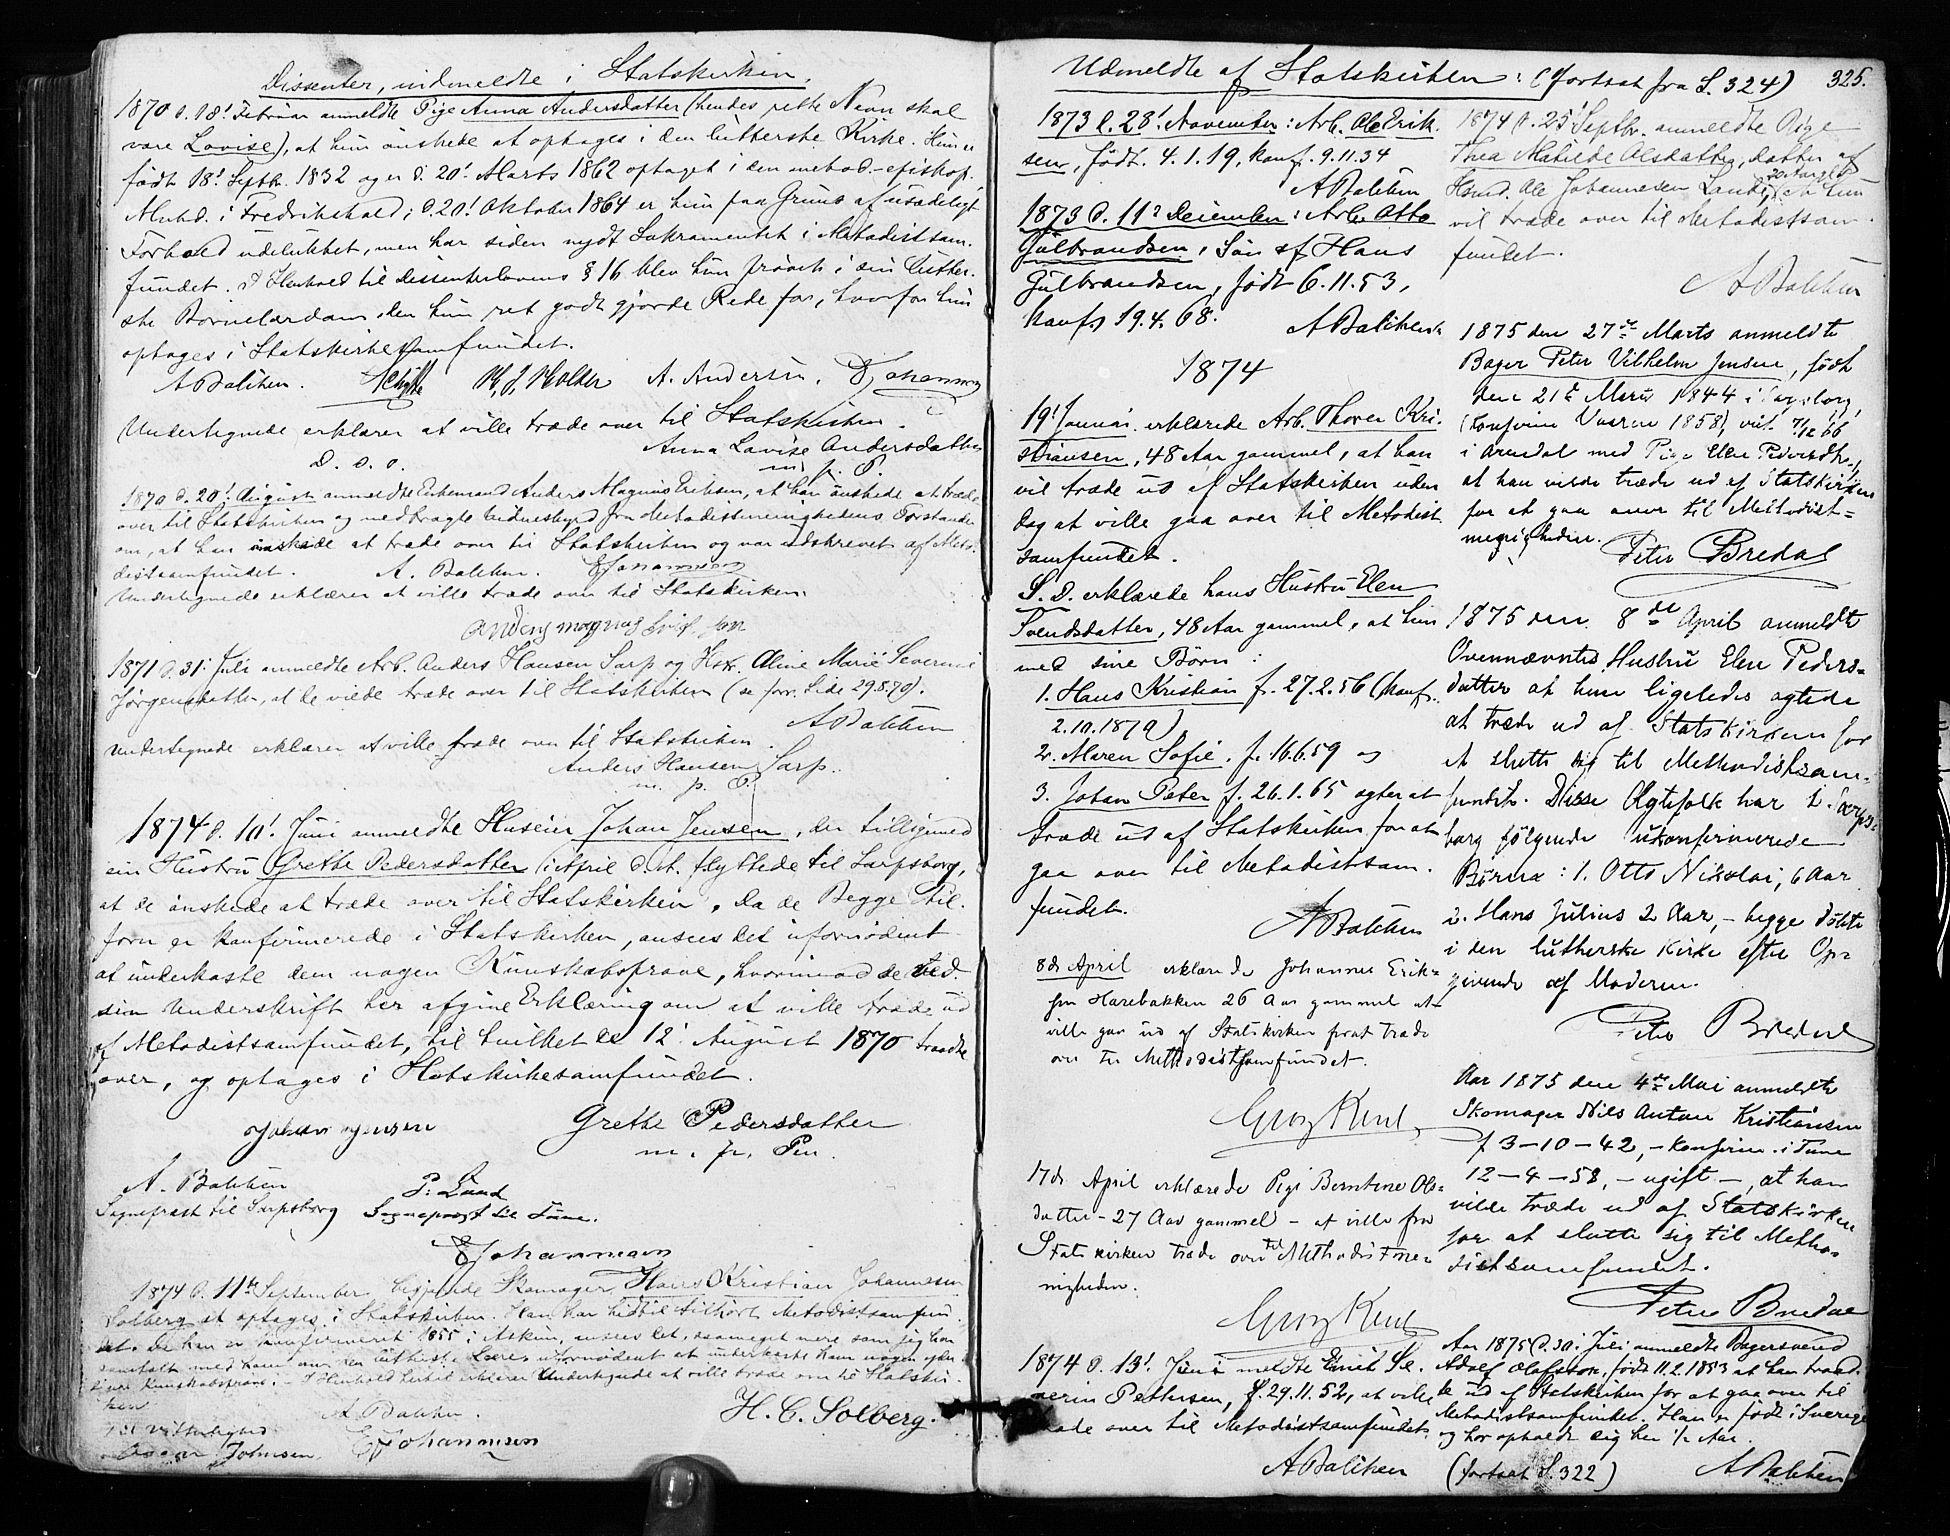 SAO, Sarpsborg prestekontor Kirkebøker, F/Fa/L0002: Ministerialbok nr. 2, 1869-1877, s. 325